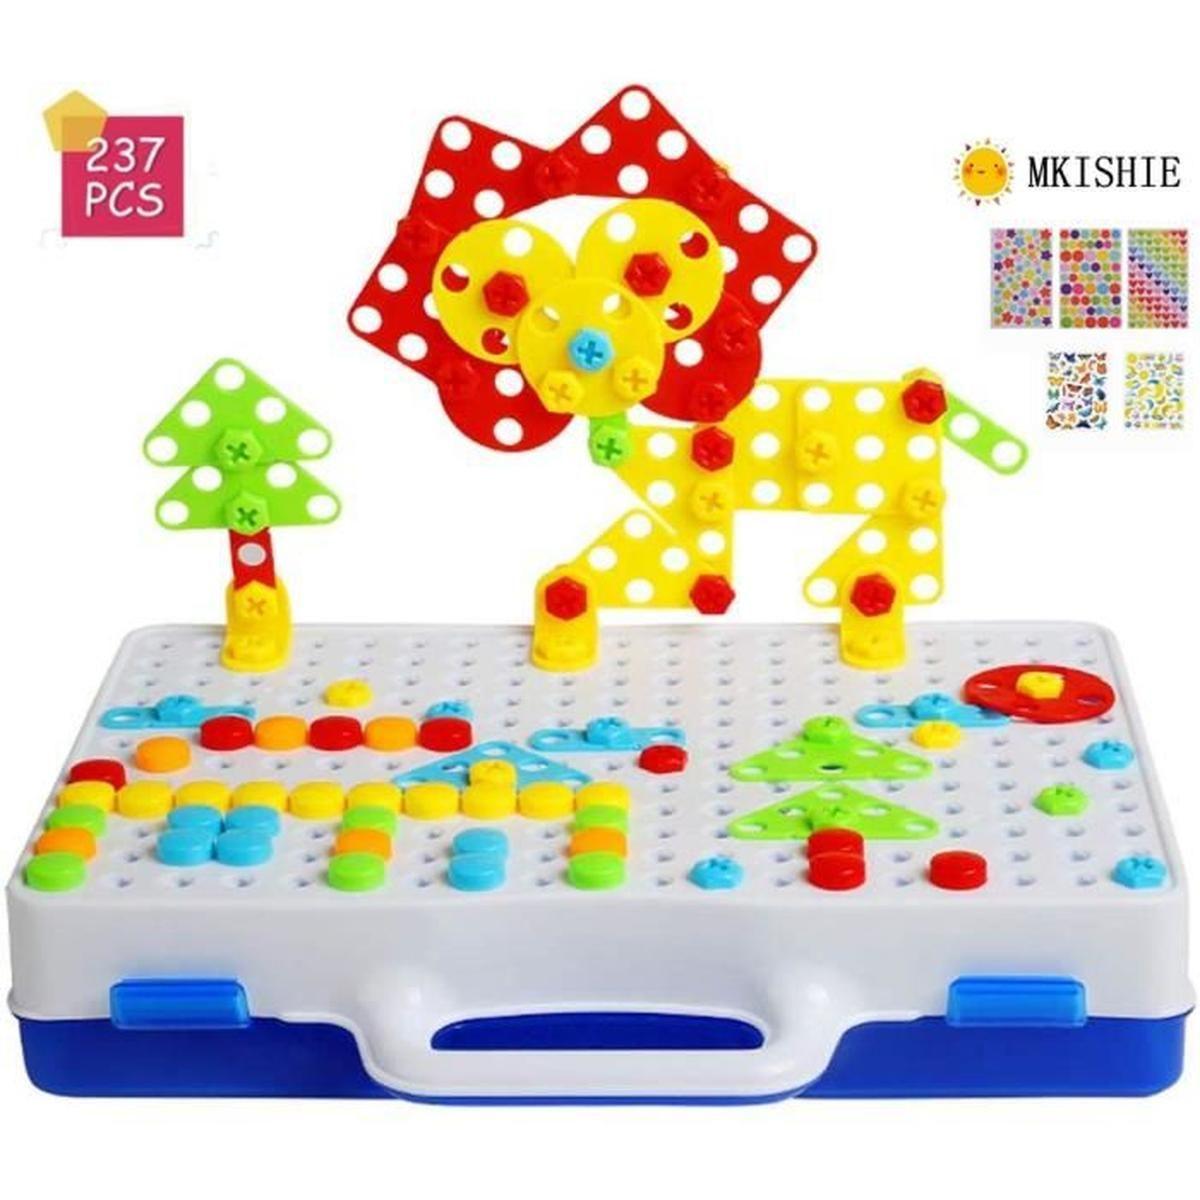 Mosaique Enfant Puzzle 3D Construction Enfant Jeu Montessori destiné Jeux Gratuit Pour Garçon De 5 Ans